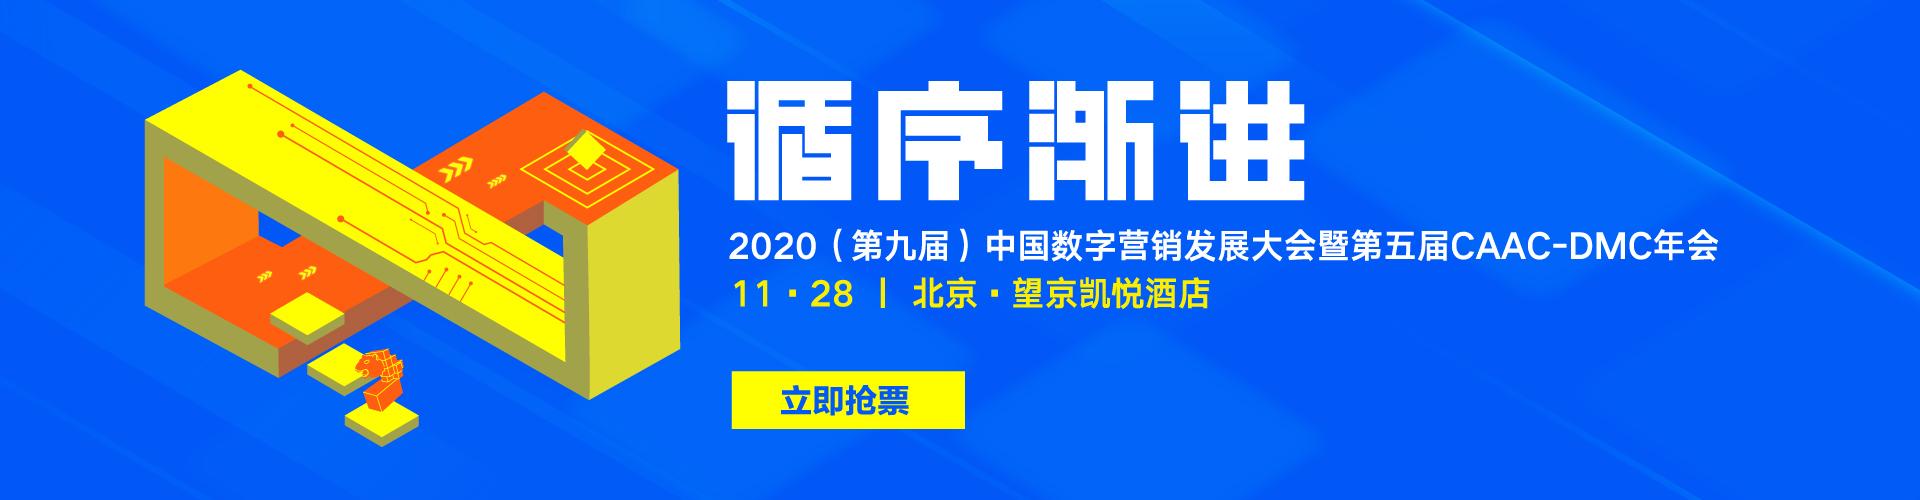 2020(第九届)中国数字营销发展大会